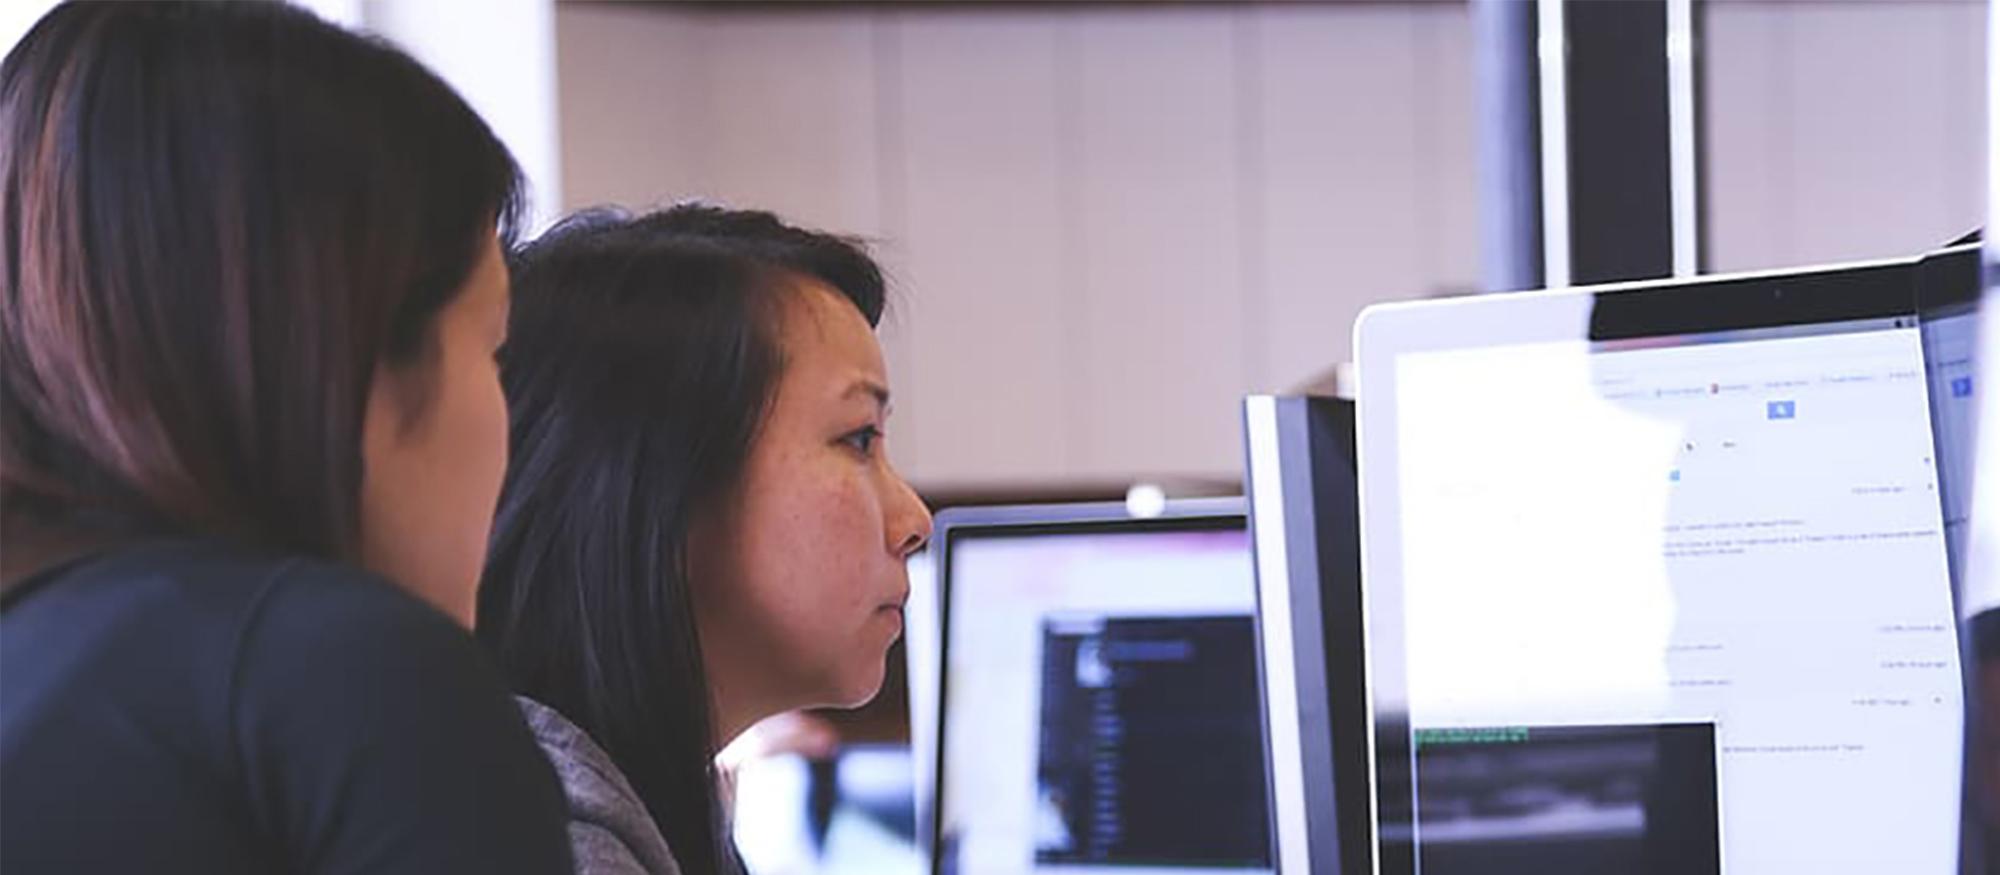 Brecha de género en el mundo de la tecnología